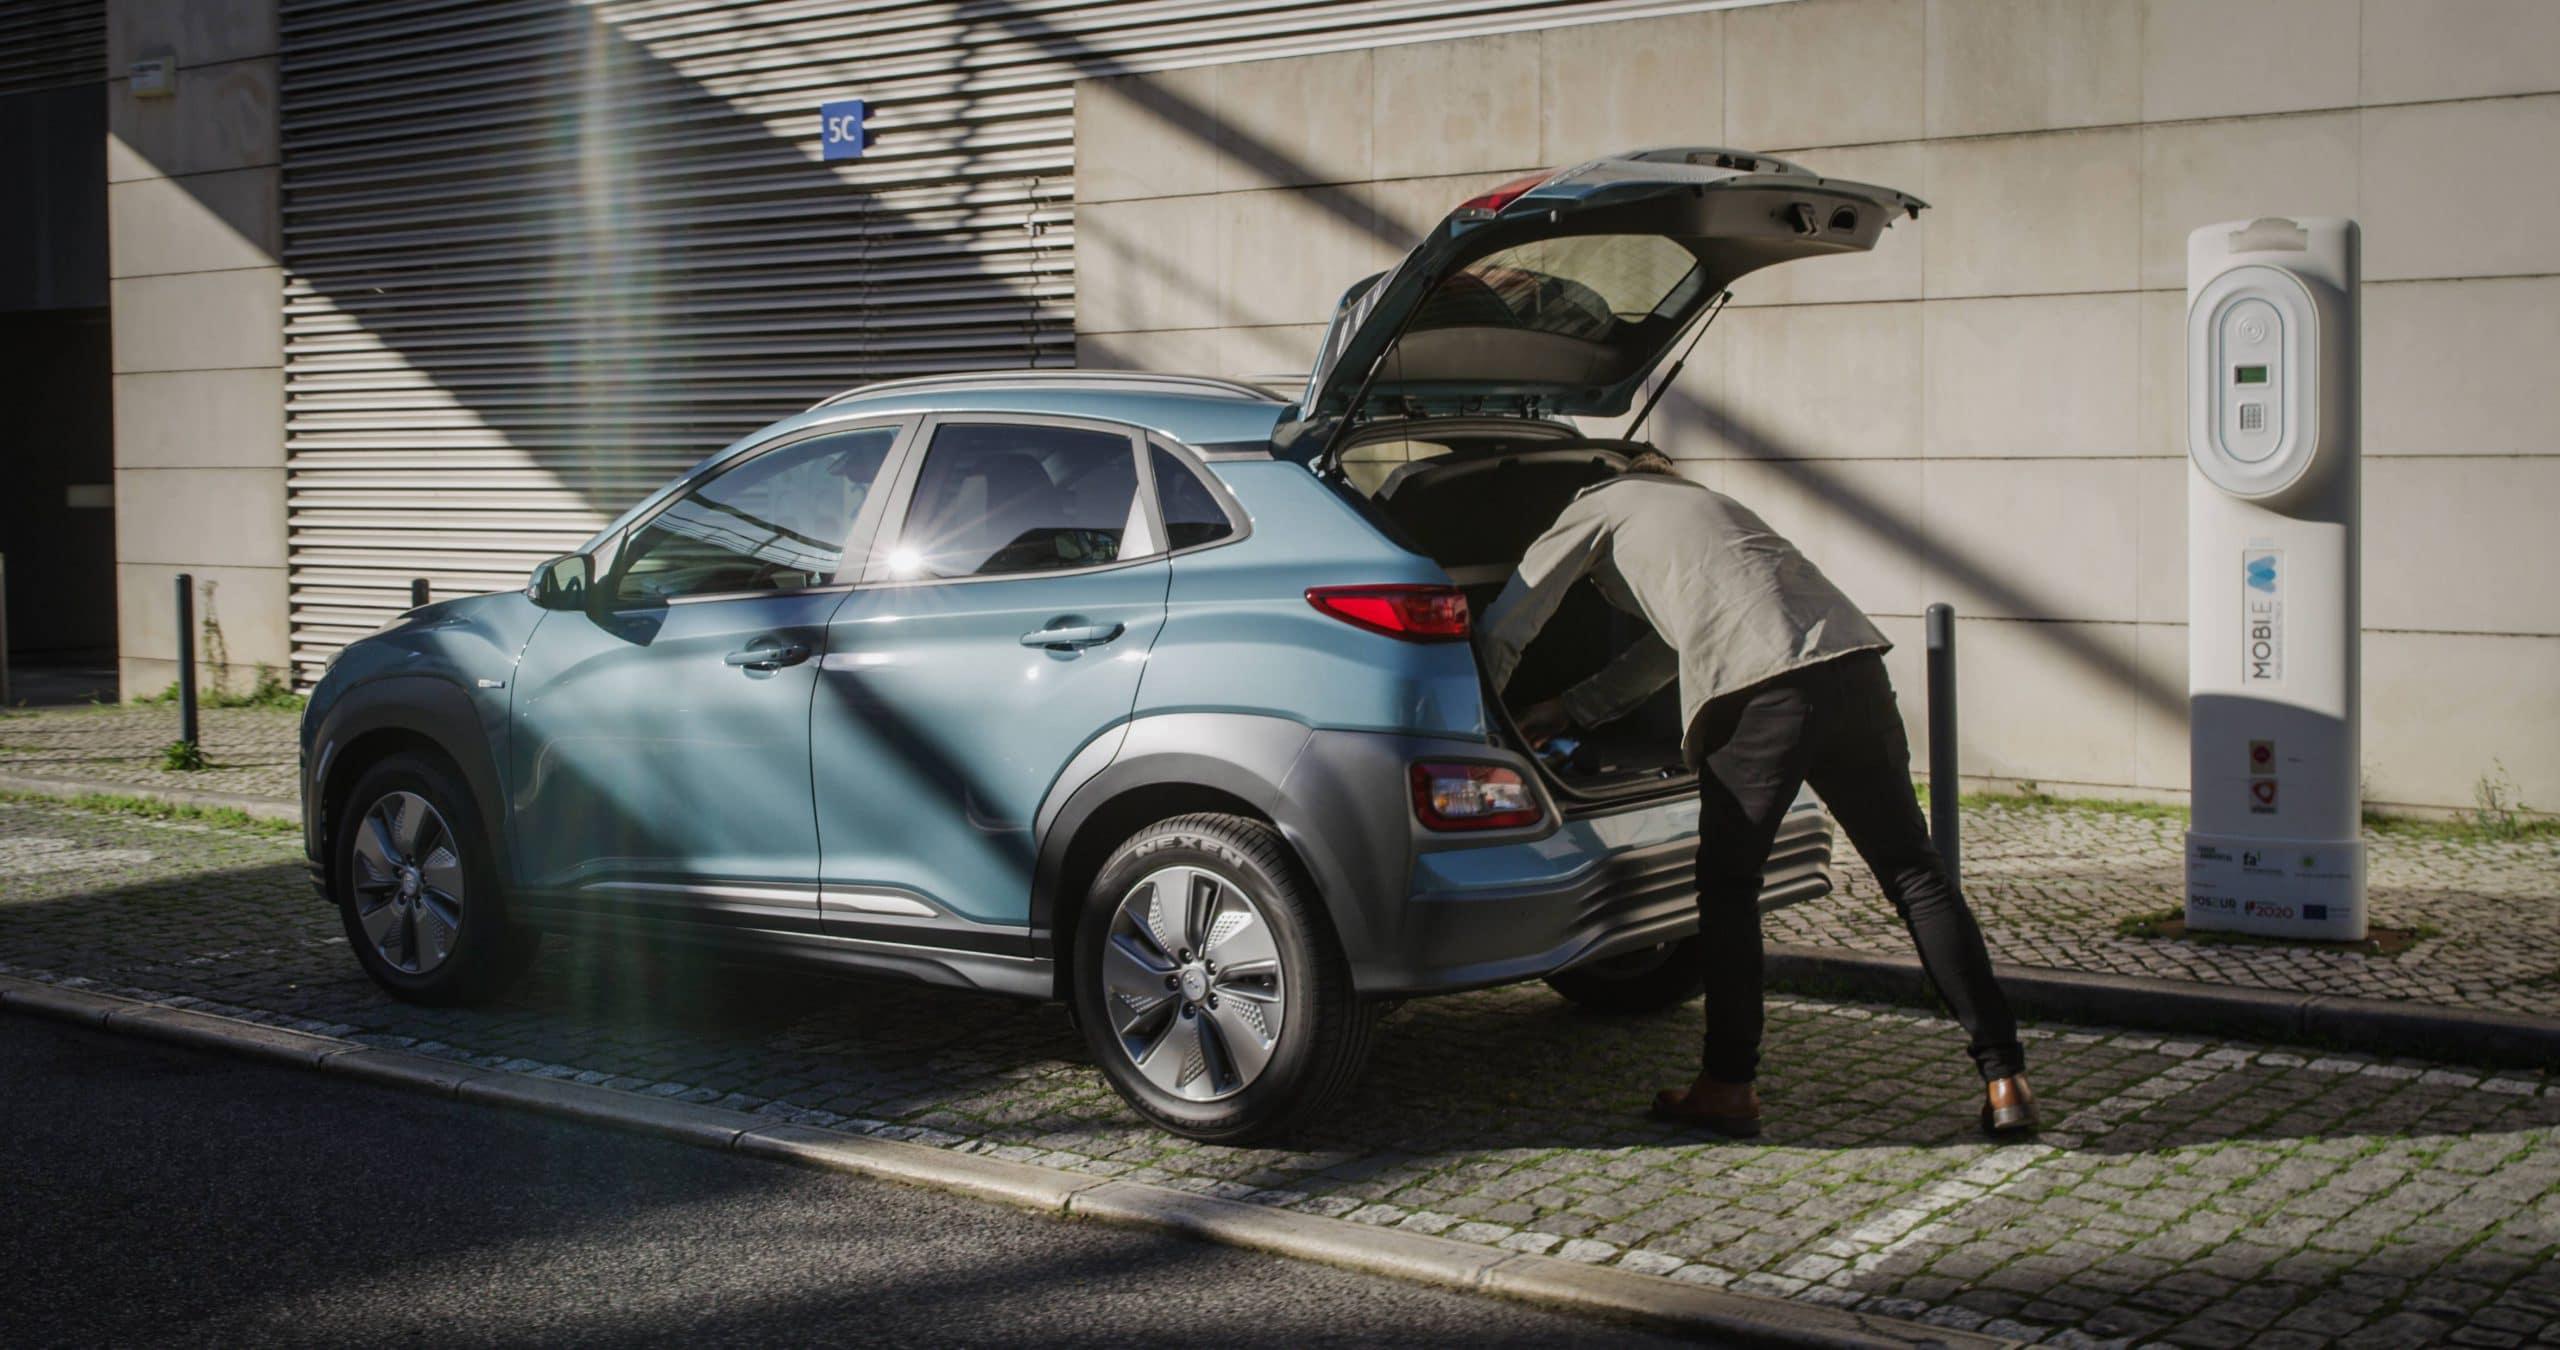 Homem a retirar objetos do interior de um Hyundai KAUAI